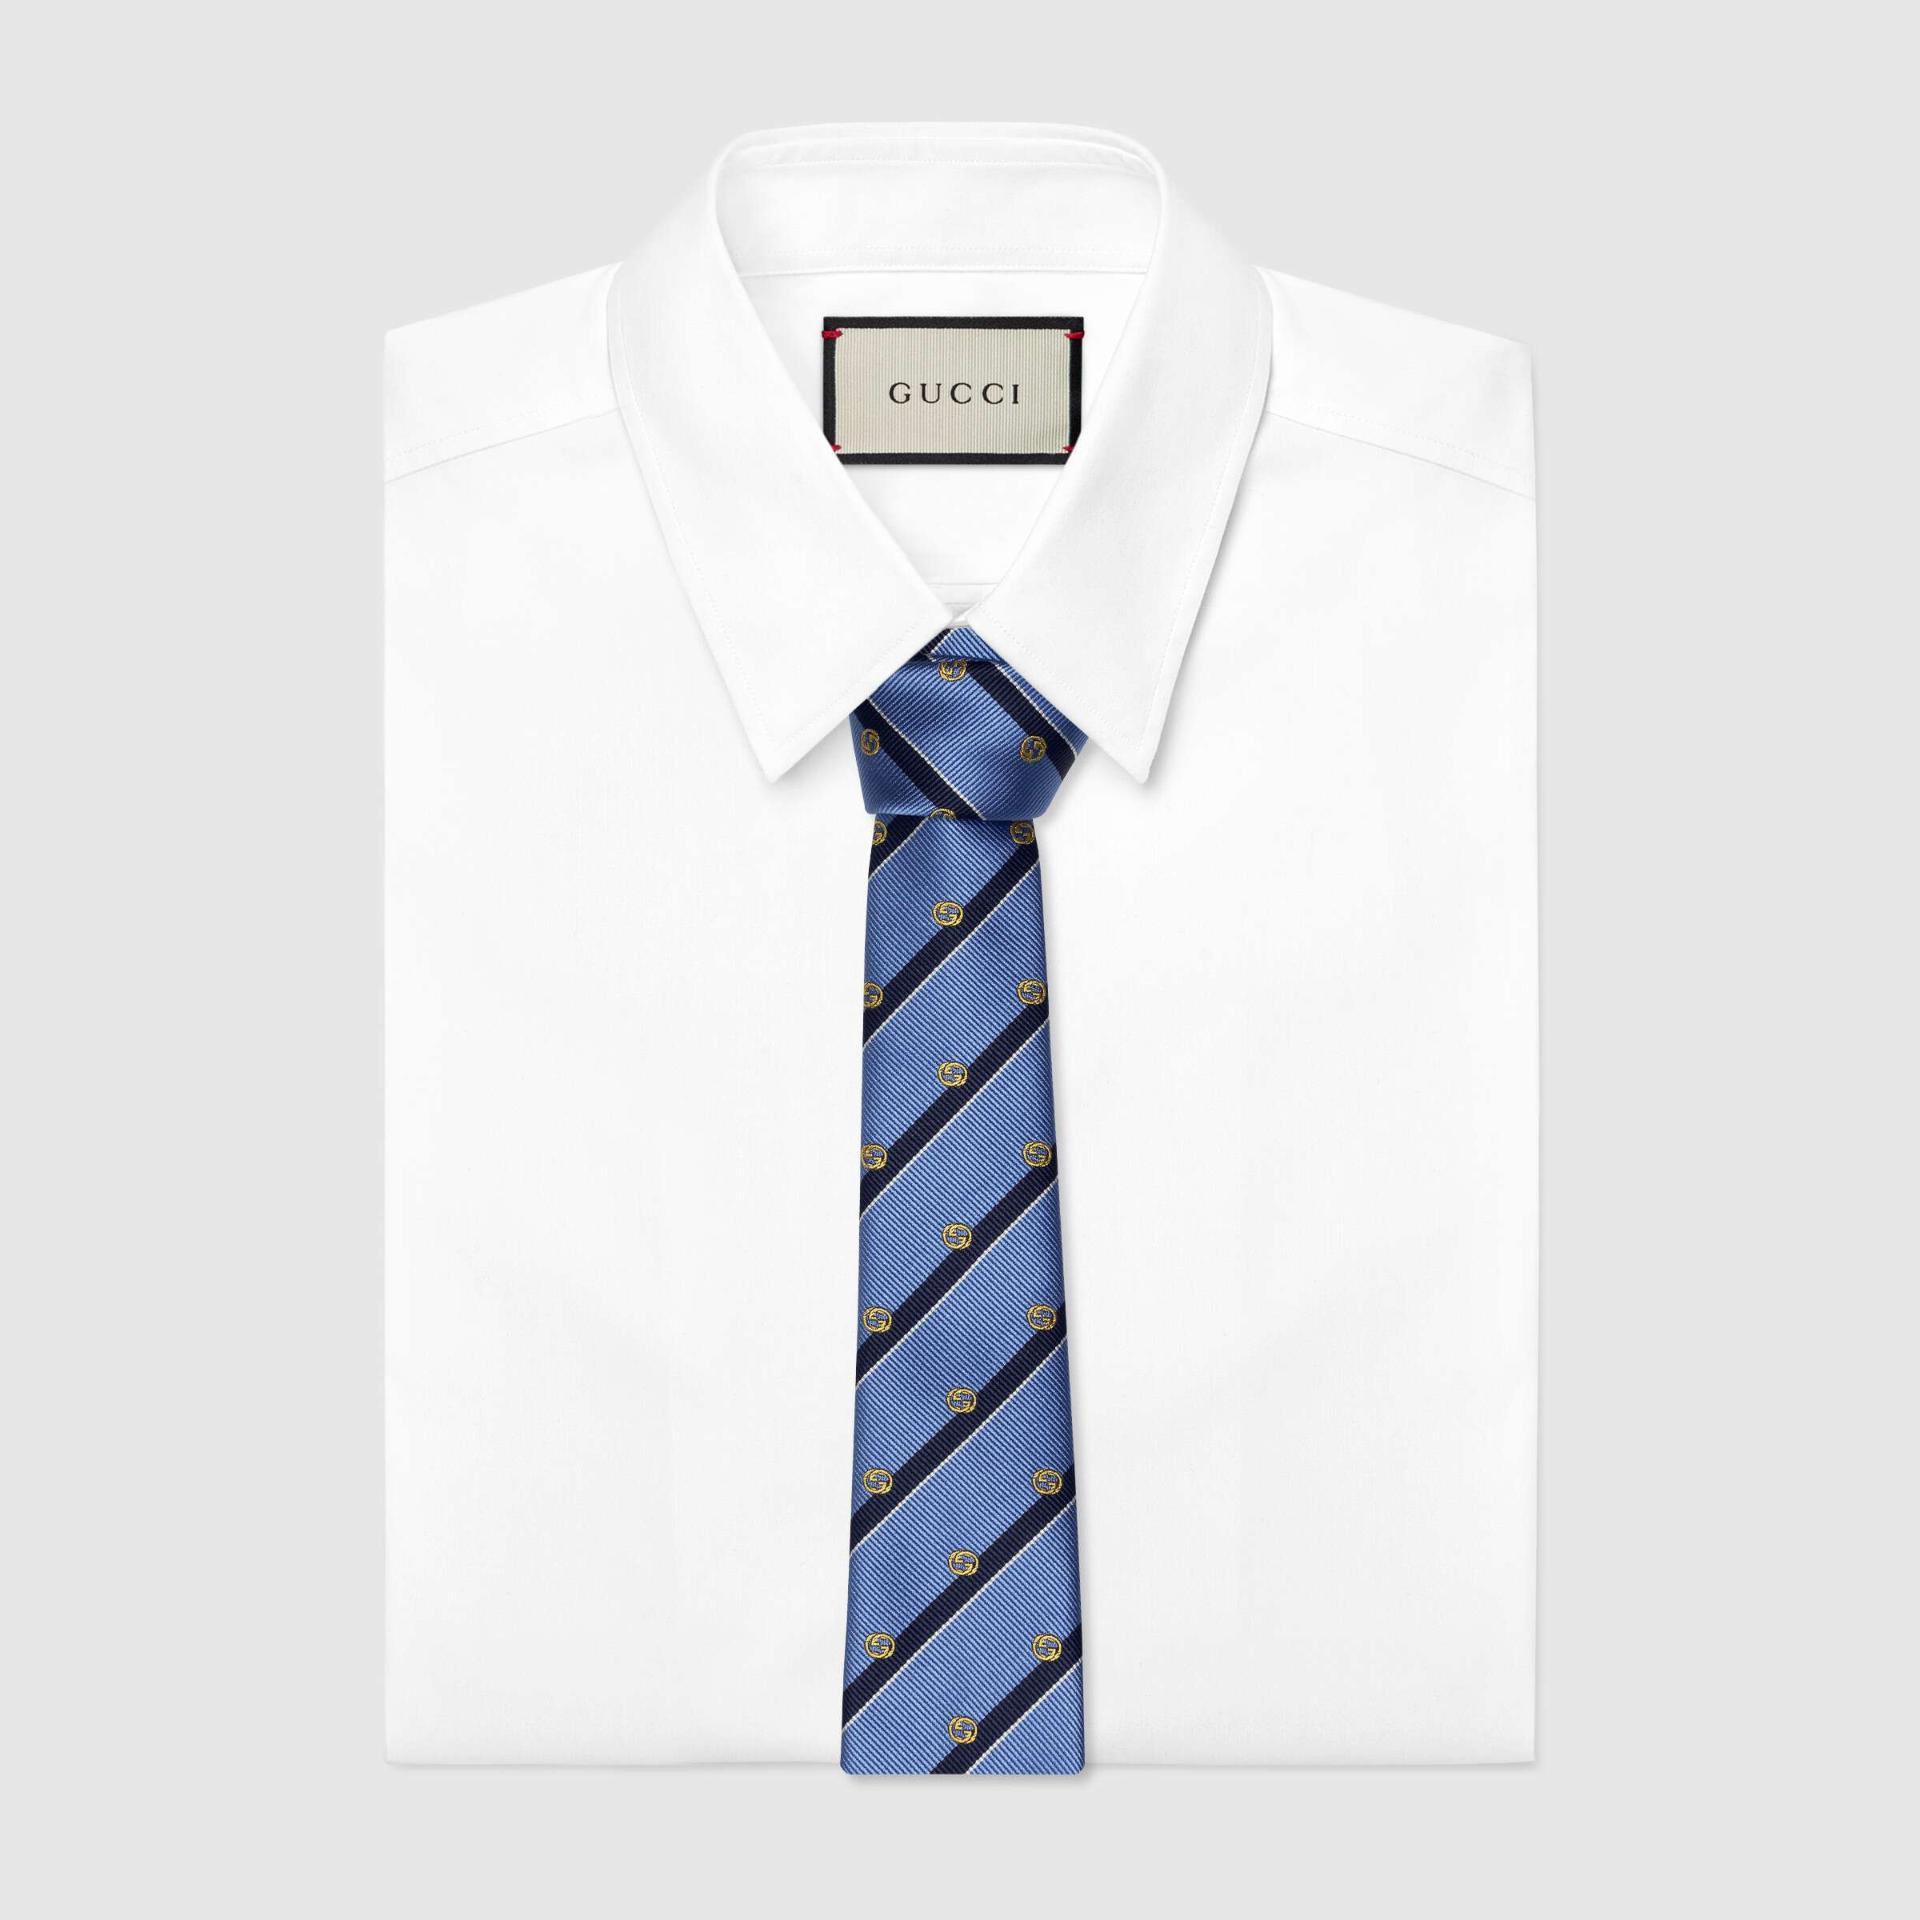 유럽직배송 구찌 GUCCI Gucci Striped silk tie with Interlocking G 6600584E0024568